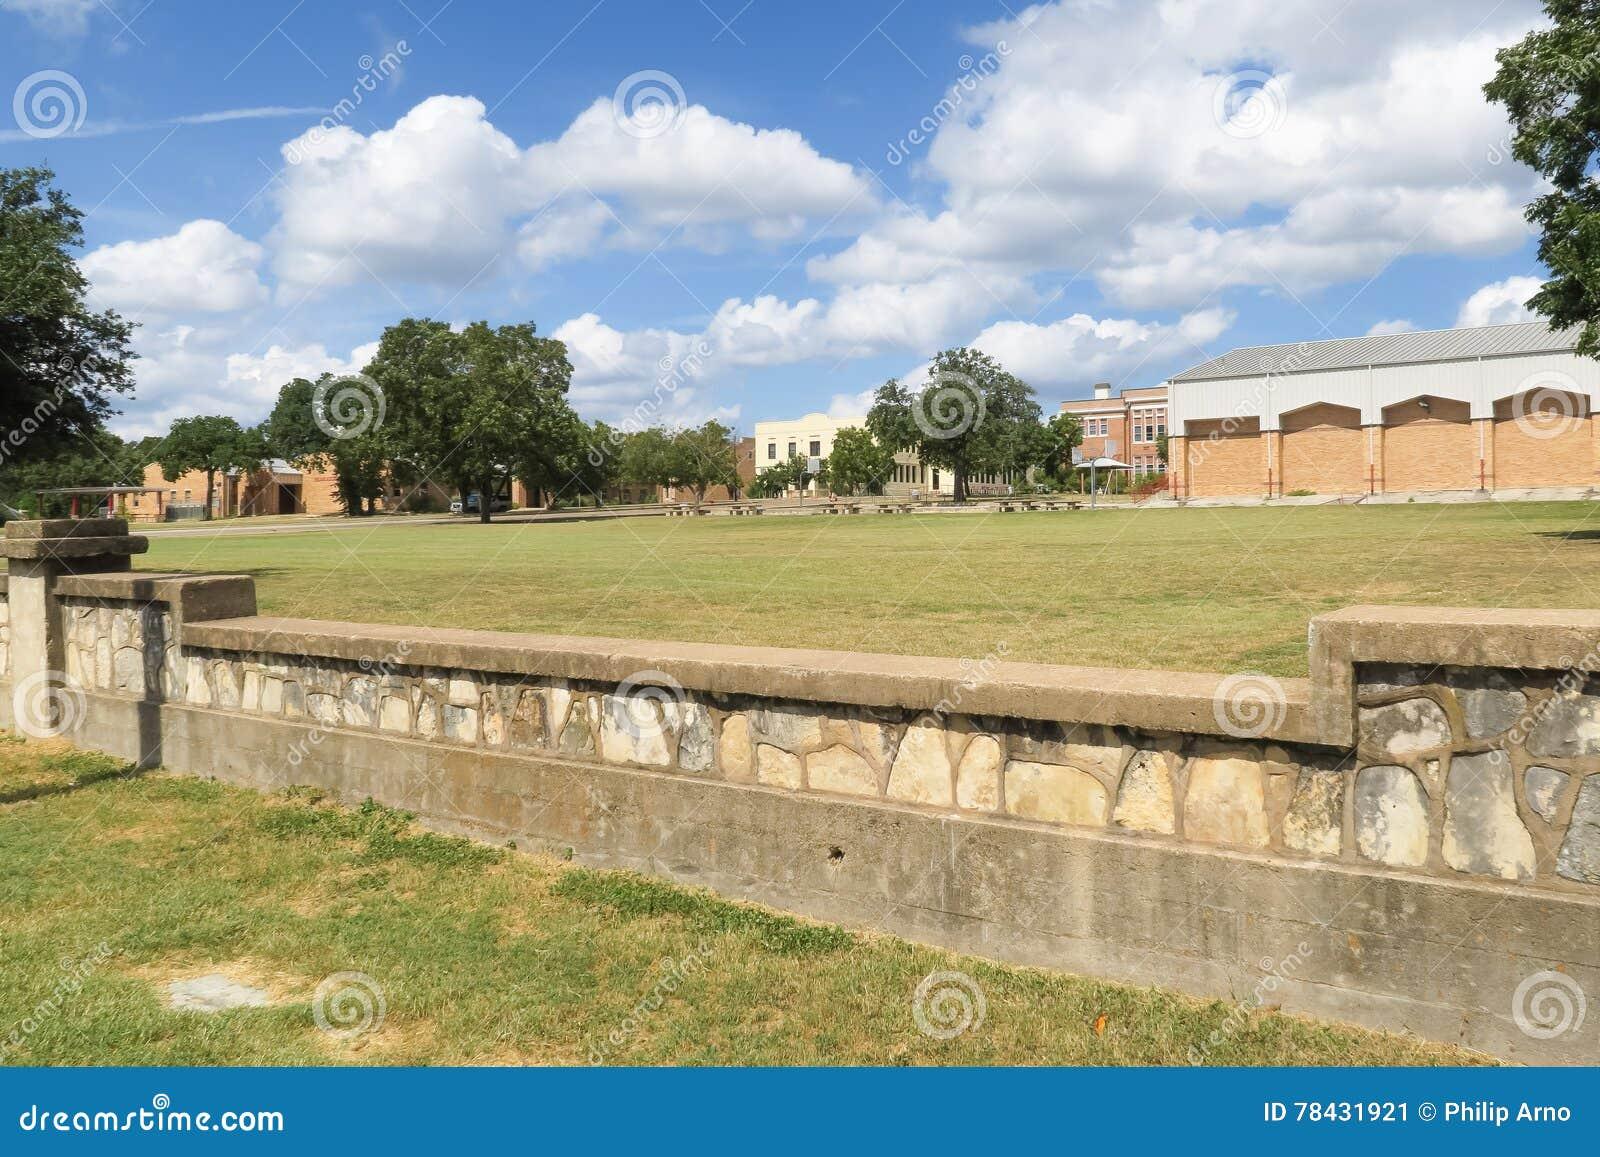 Uma jarda de escola em Fredericksburg Texas